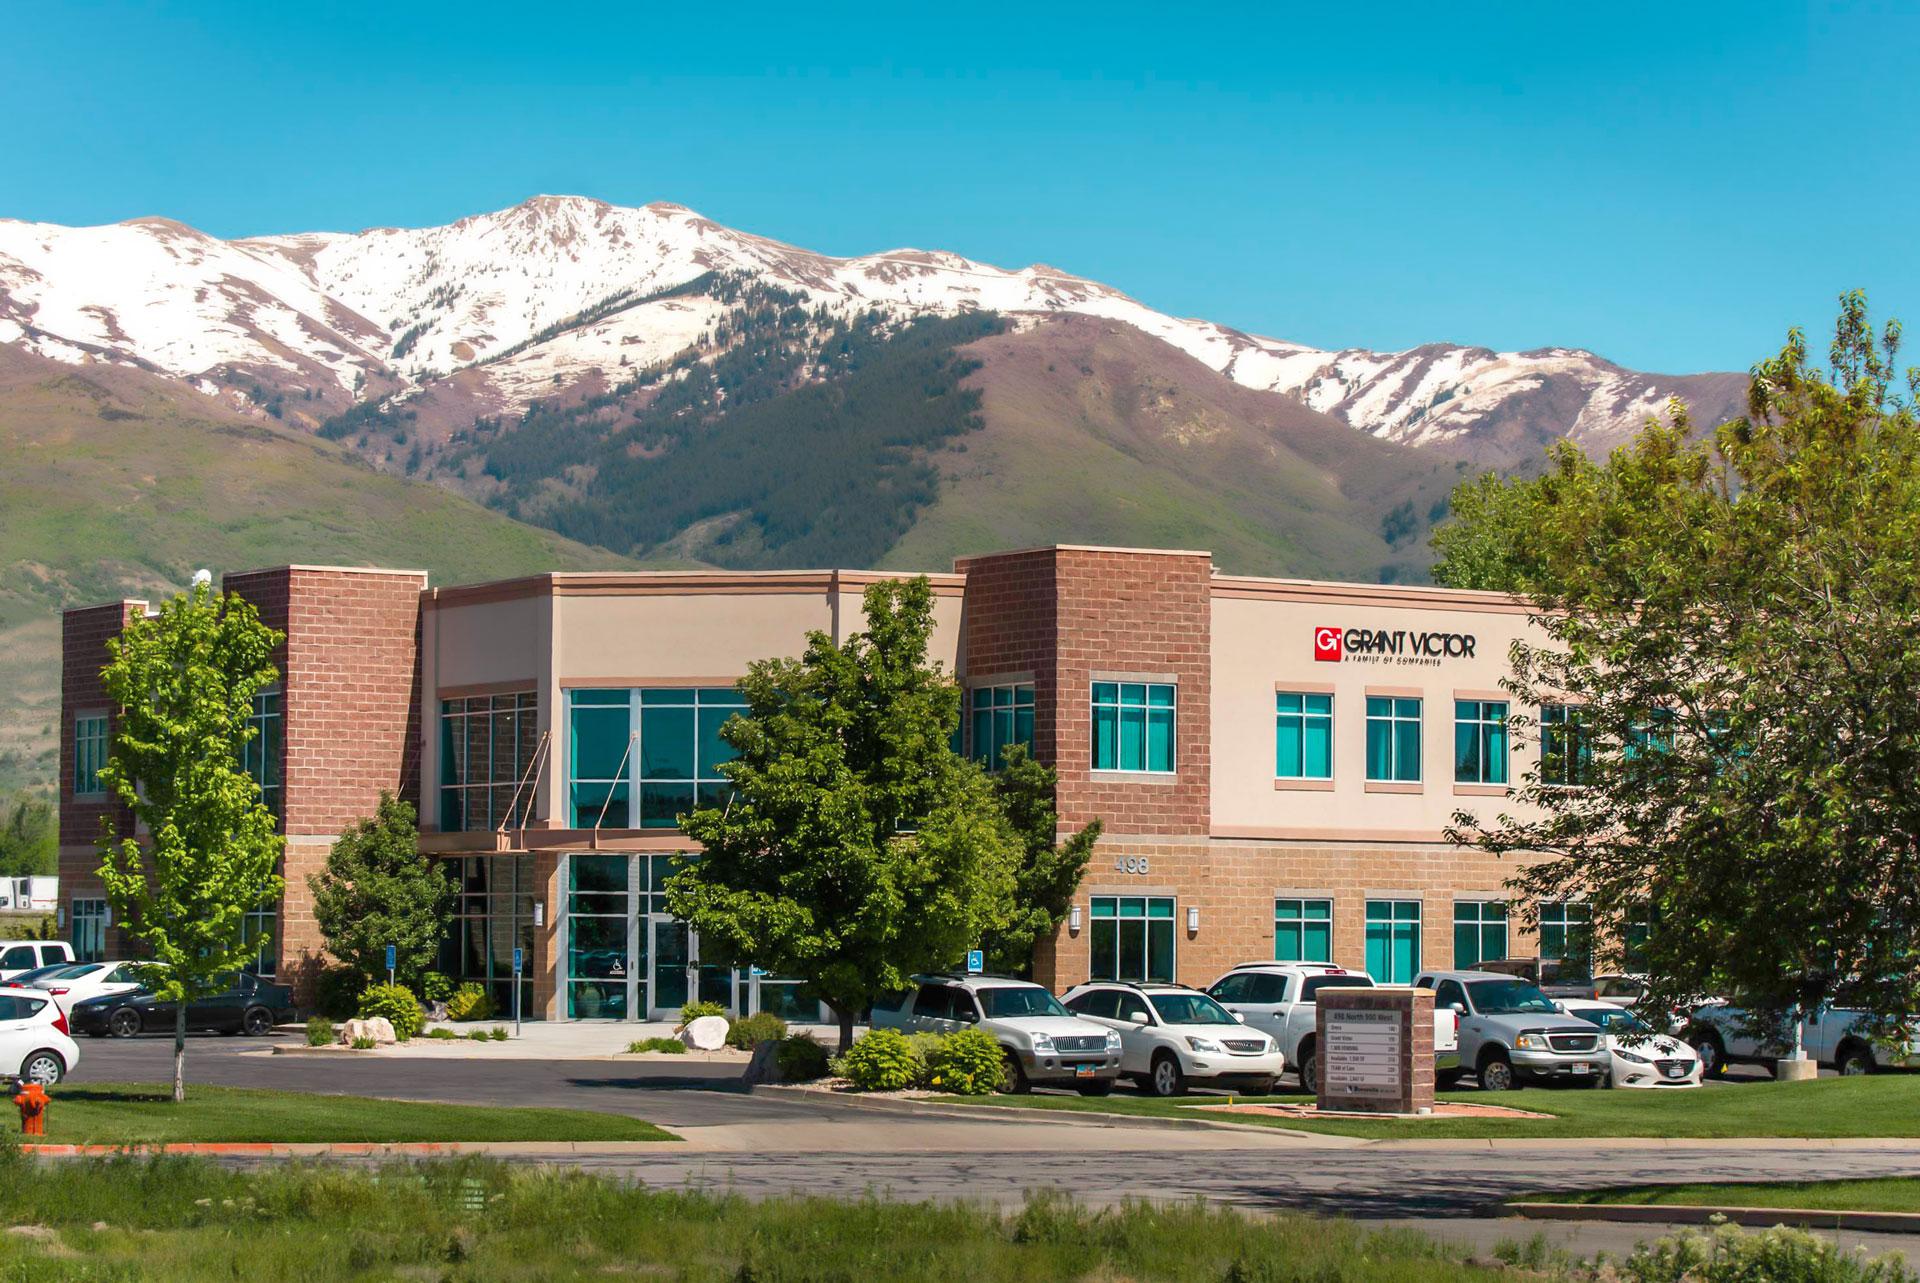 Grant Victor headquarters in Kaysville, Utah.